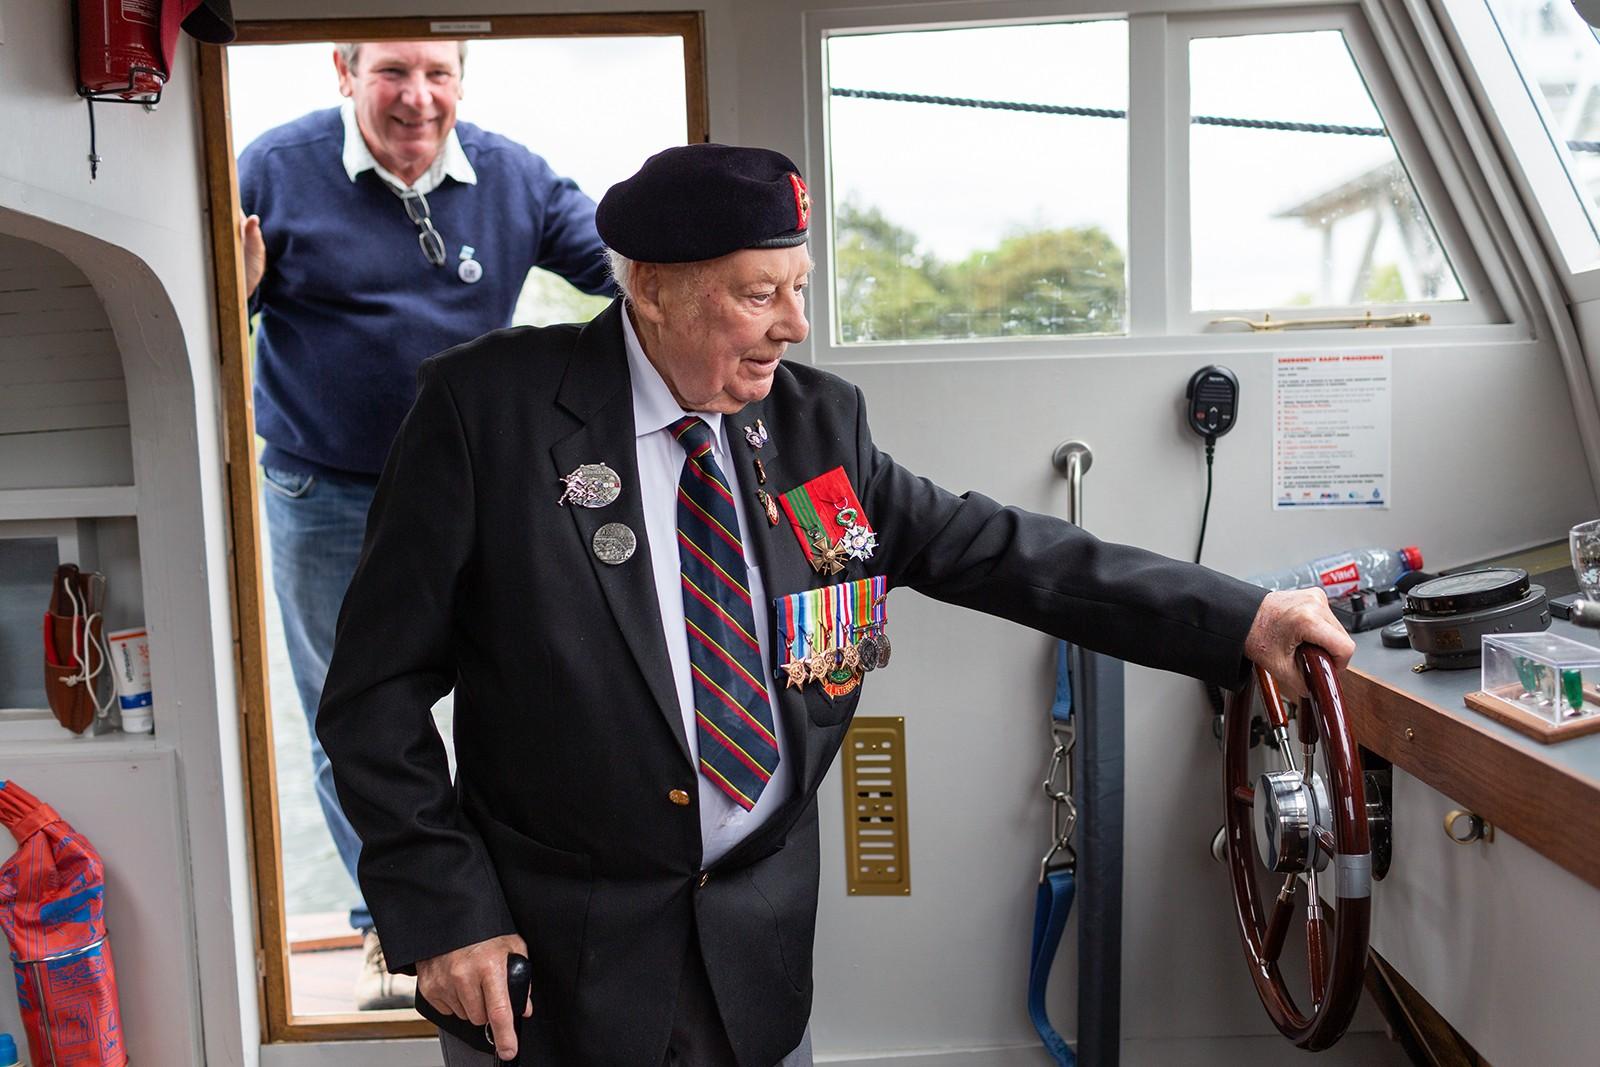 Guernsey liberation veteran